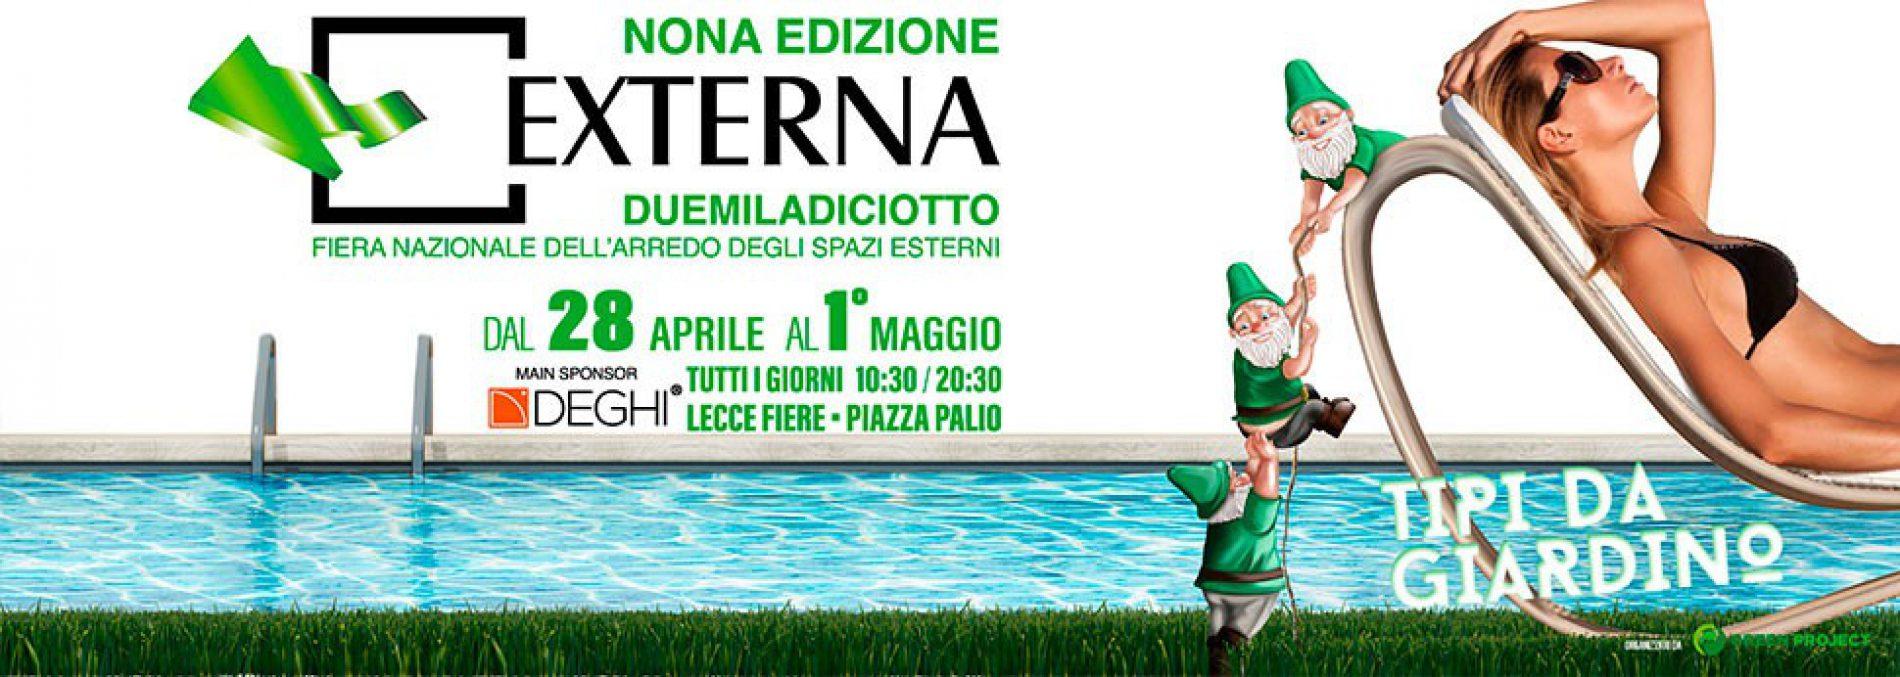 Externa Expo